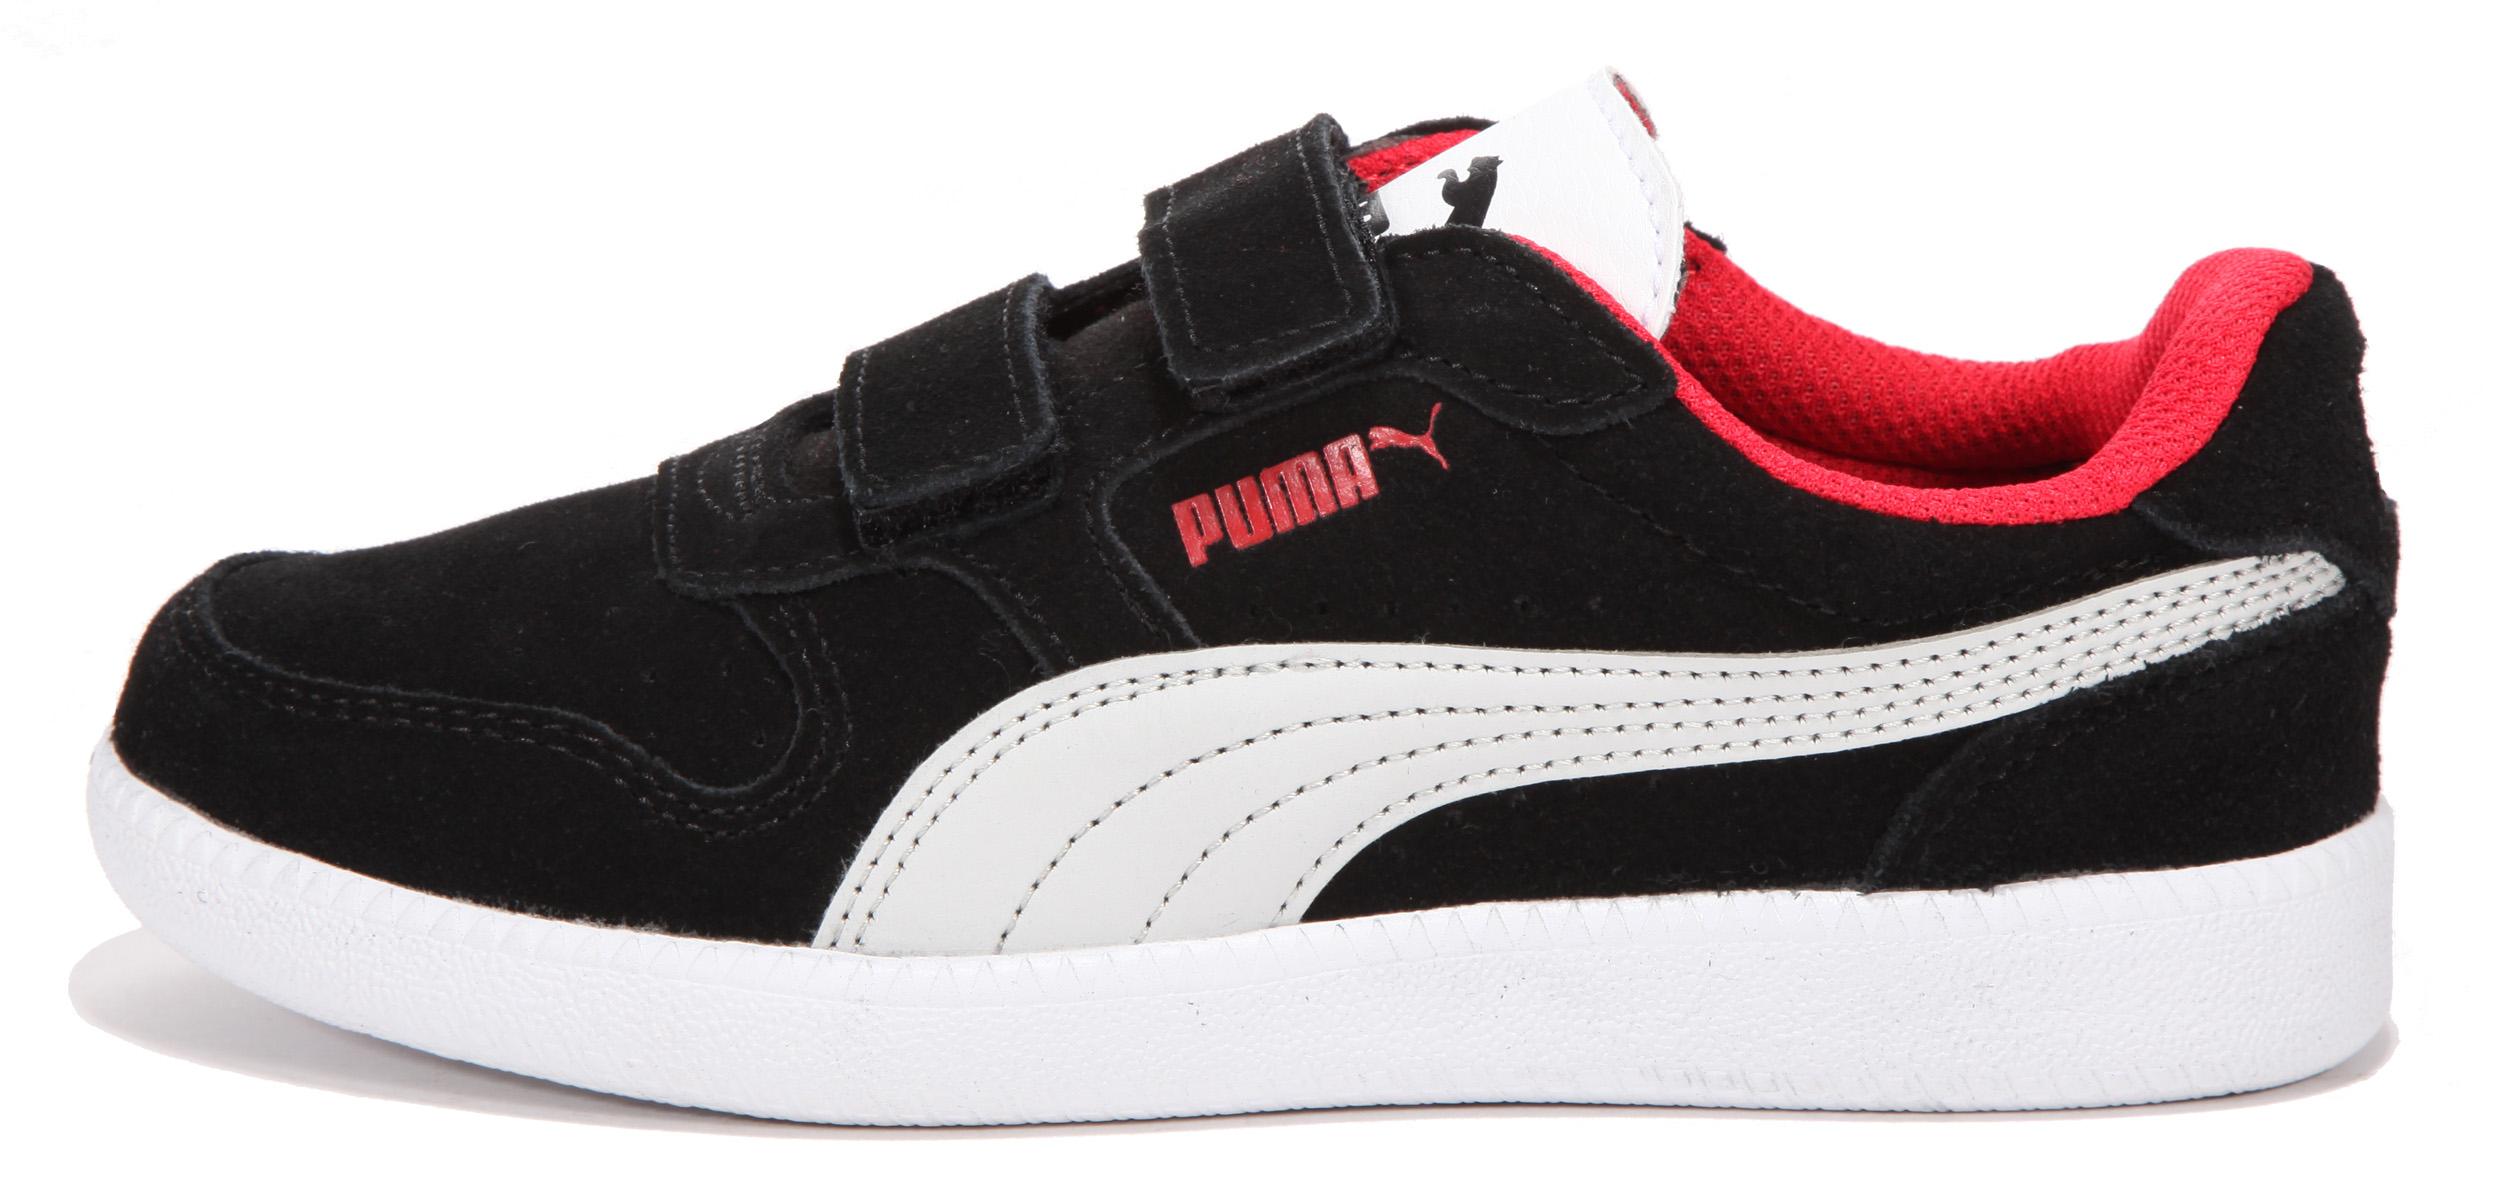 Puma Sneaker Puma Klettverschluß Kinder Kinder Sneaker Puma